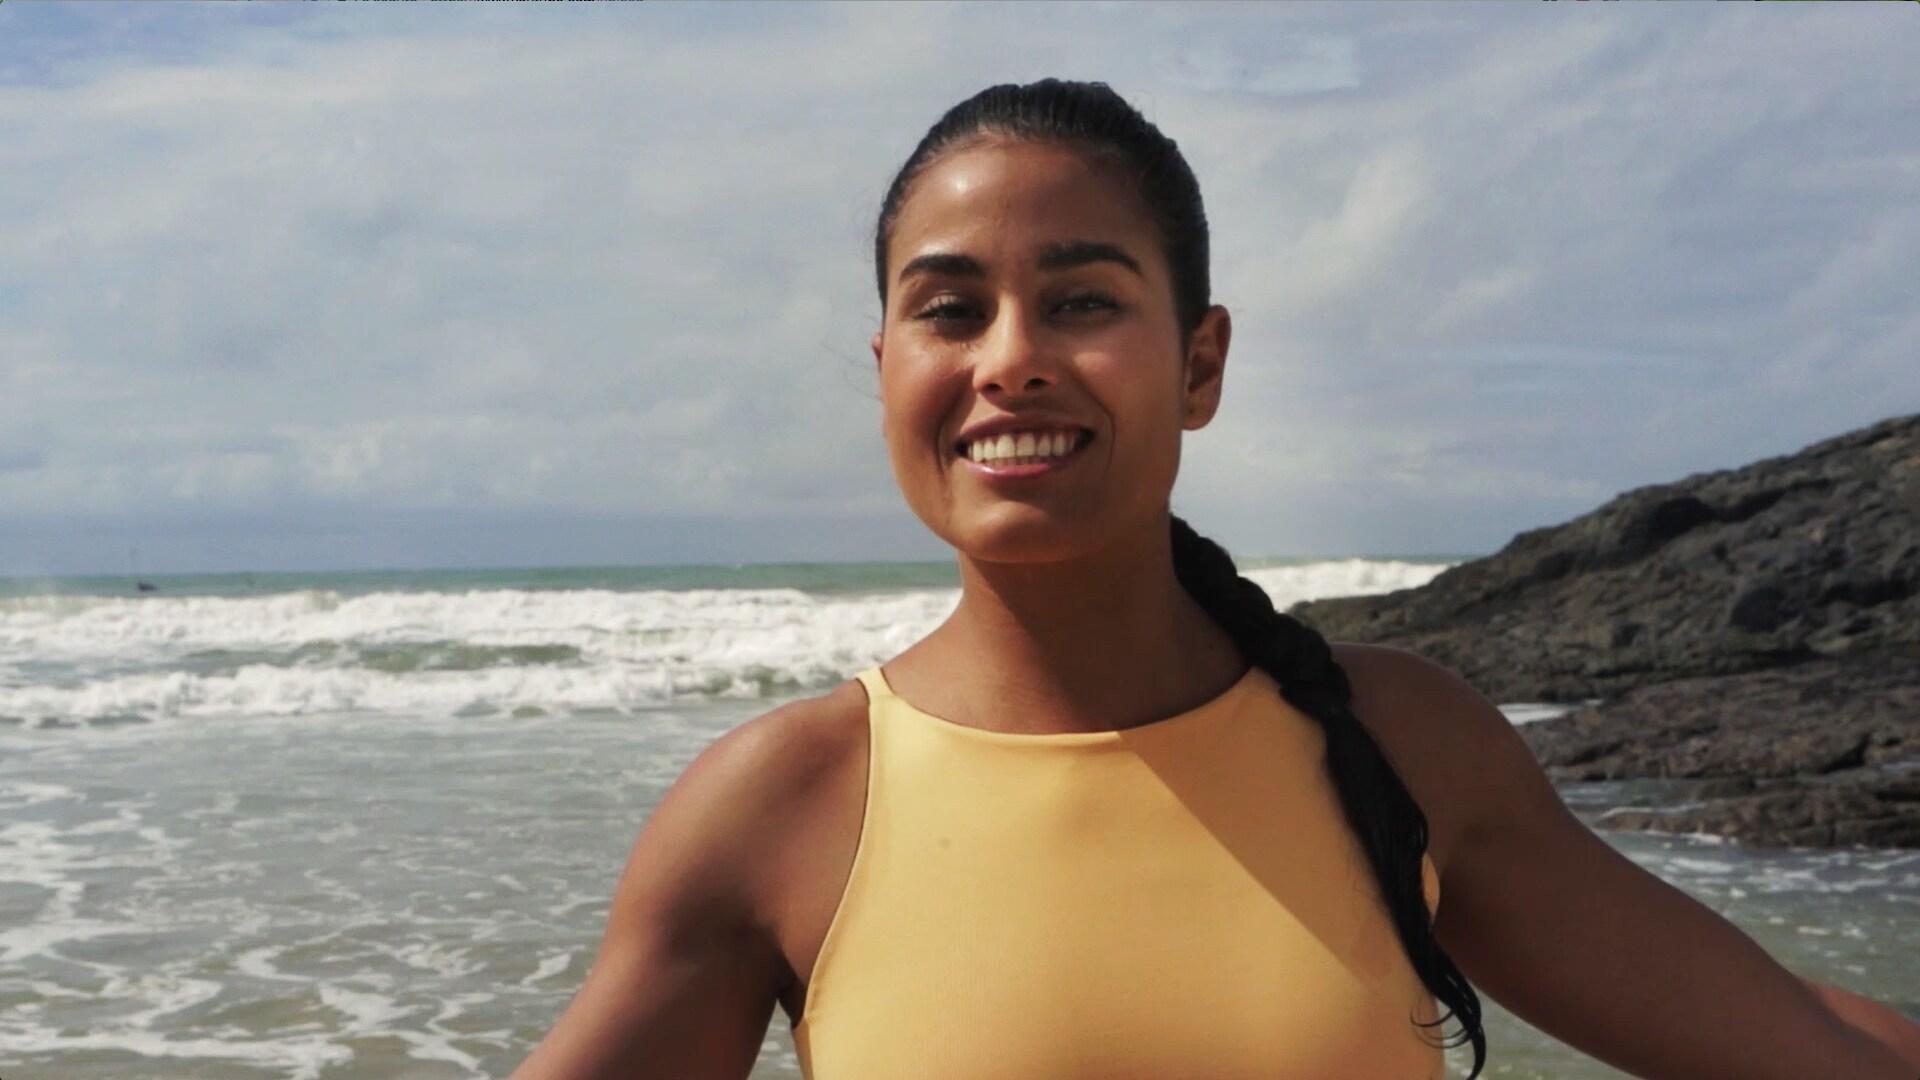 Dicas de Surf da Marina Werneck - Juacas